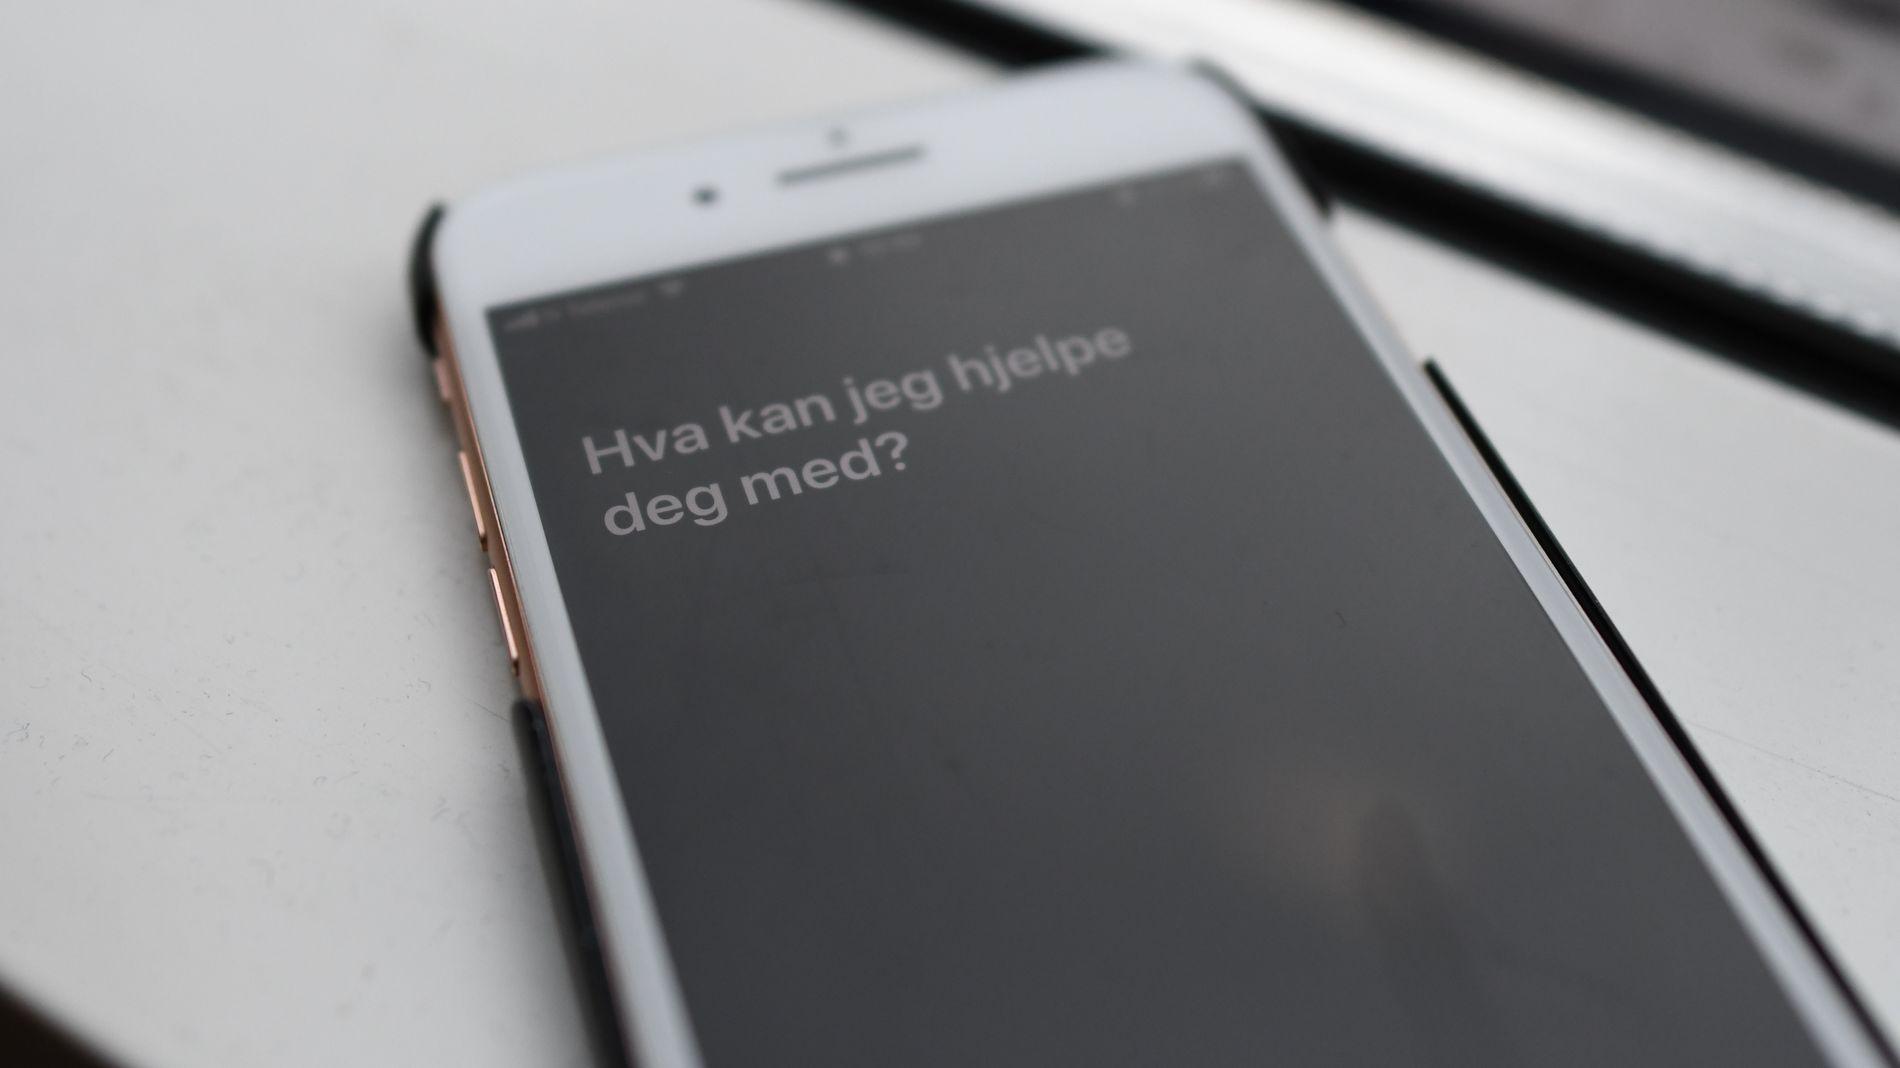 STEMMEASSISTENT: Apple lanserte «Siri» i 2011, og funksjonen kom på norsk i 2015.